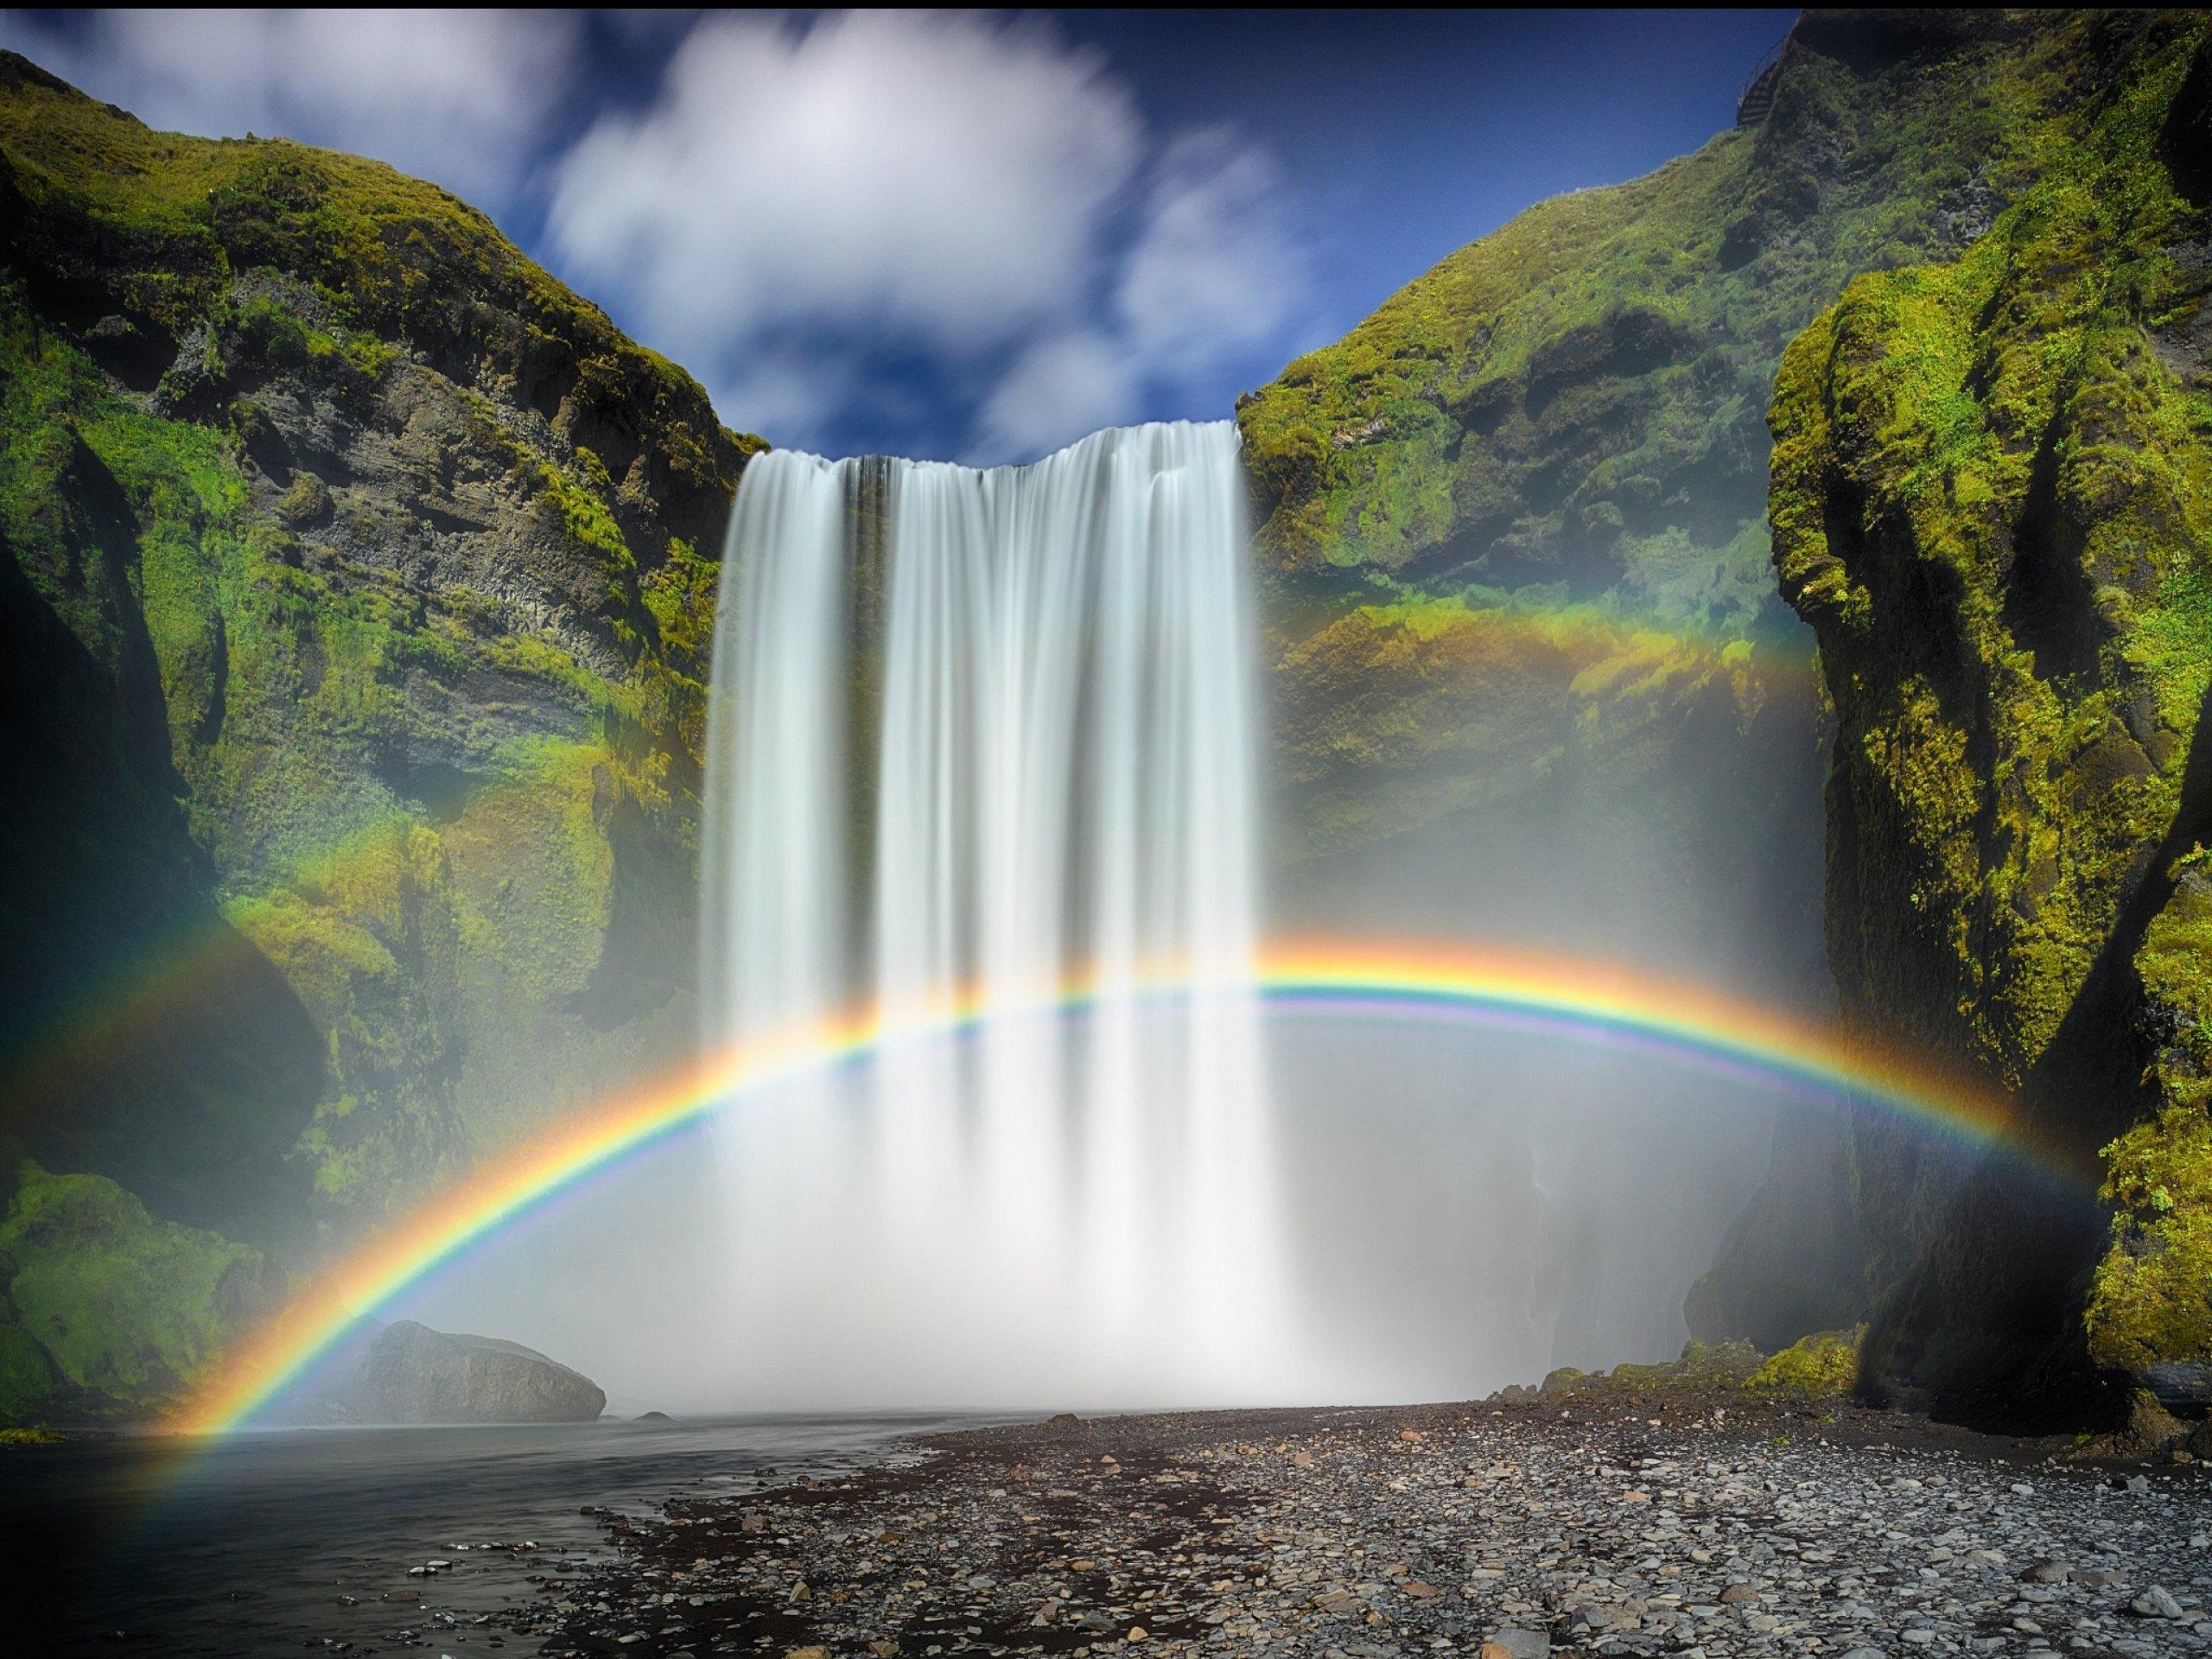 Rainbow Moss Rock Waterfall Skogafoss Waterfall Wallpaper 2560x1920 721038 Wallpaperup